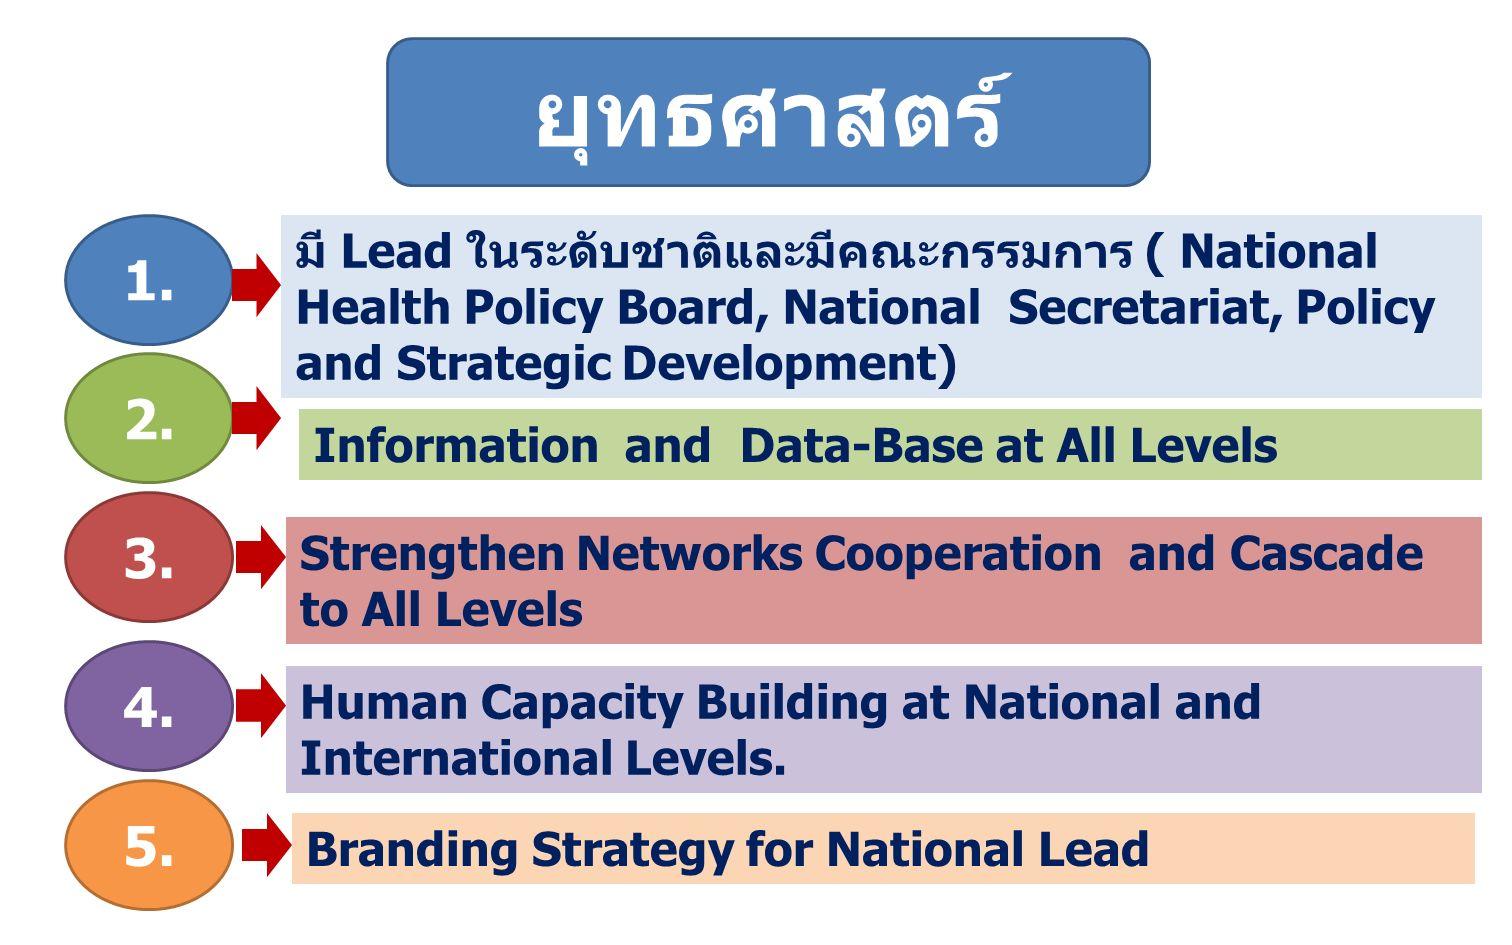 ยุทธศาสตร์ที่ 1 มี Lead ในระดับชาติและมีคณะกรรมการ ( National Health Policy Board, National Secretariat, Policy and Strategic Development) HEADHEARTHANDS 1.สนับสนุน ผลักดันให้มีคณะกรรมการ ระดับชาติ (NHPB) โดยเป็นเลขาธิการ คกก.